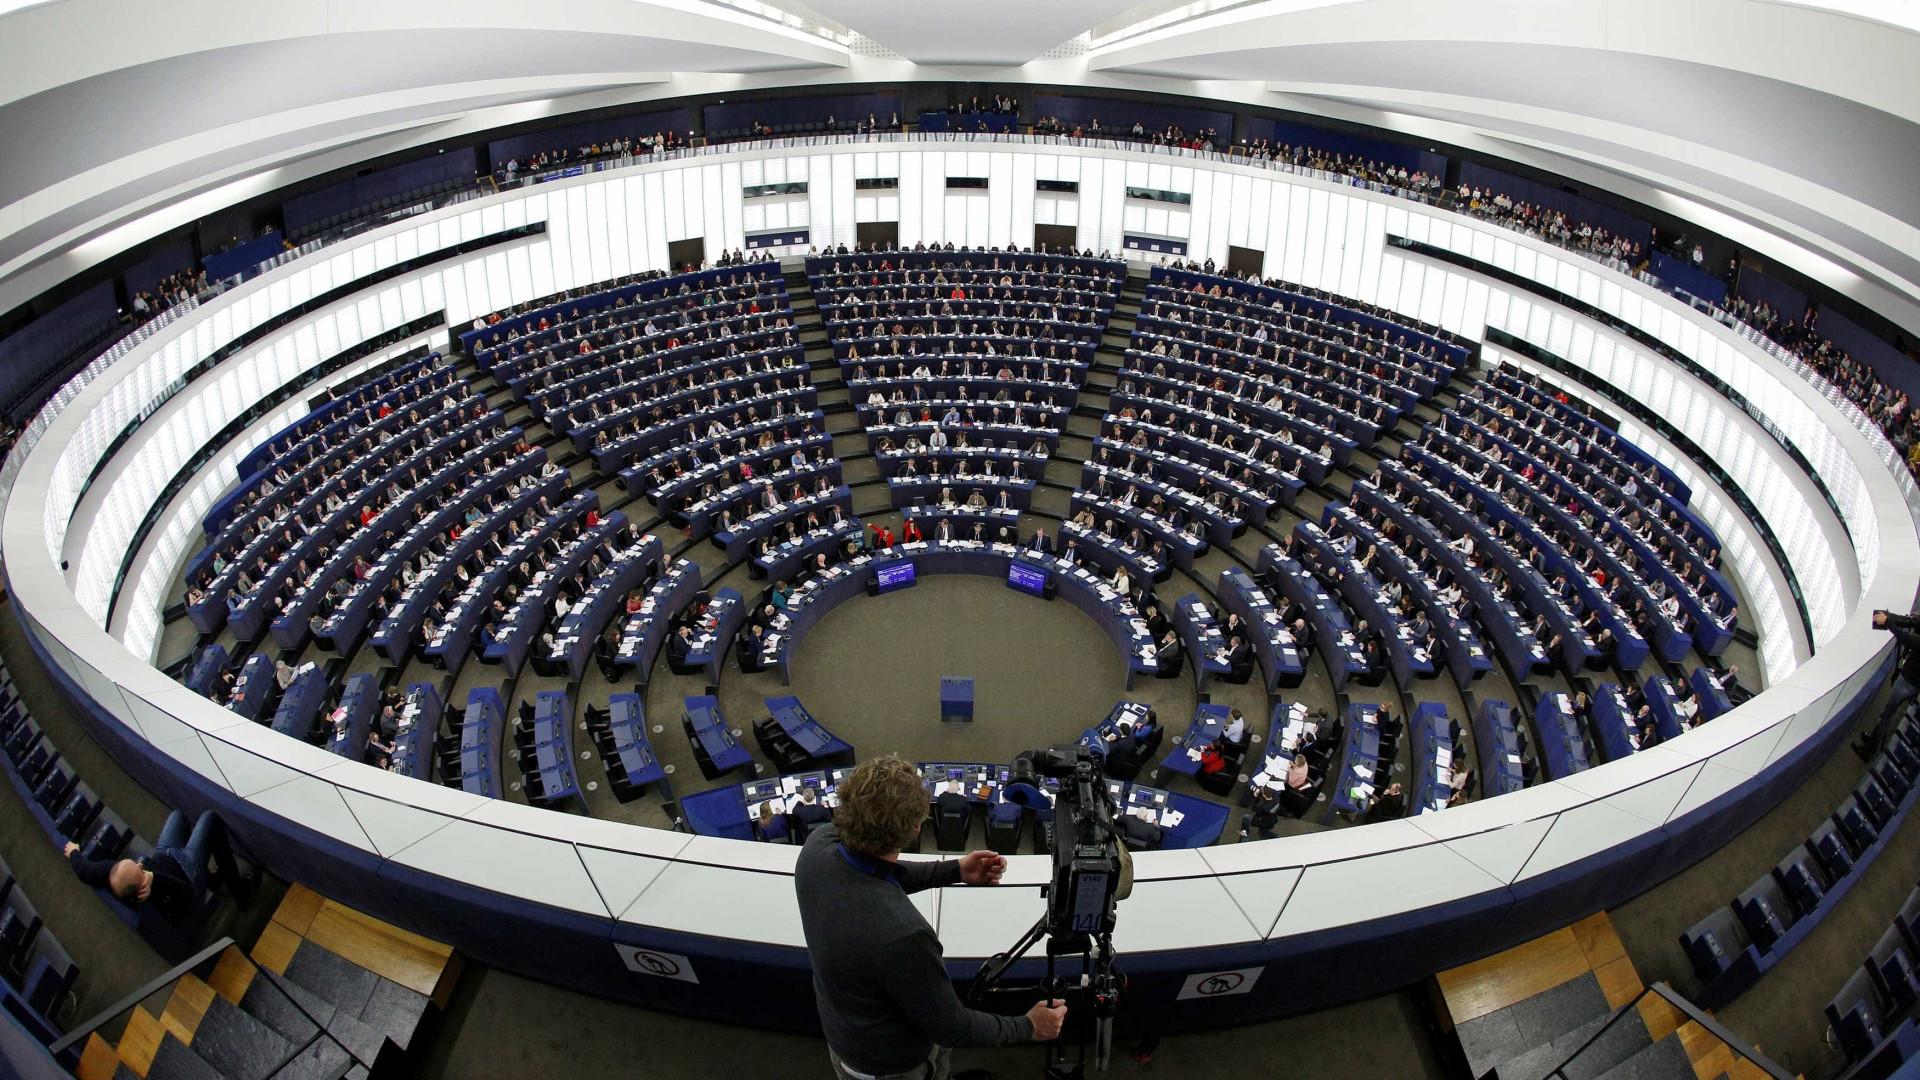 Horário de Verão com dias contados? Parlamento Europeu recomenda que sim